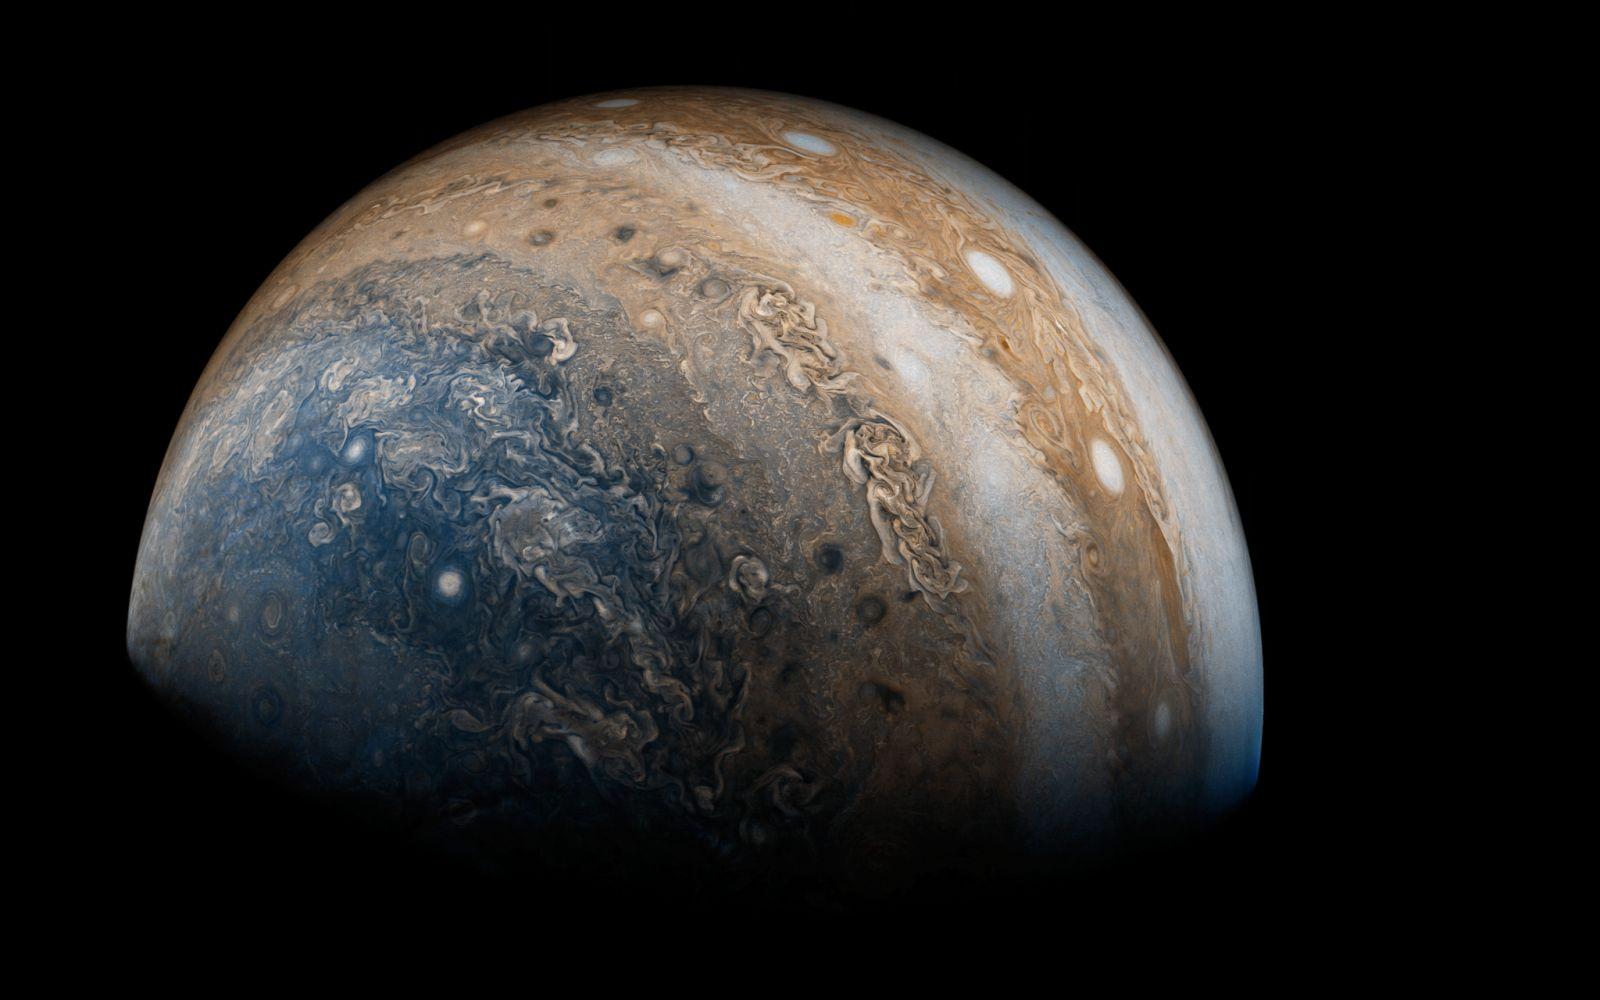 JunoCam images Jupiter's Southern Hemisphere. Photo Credit: Justin Cowart / Gerald Eichstadt / NASA / JPL / MSSS